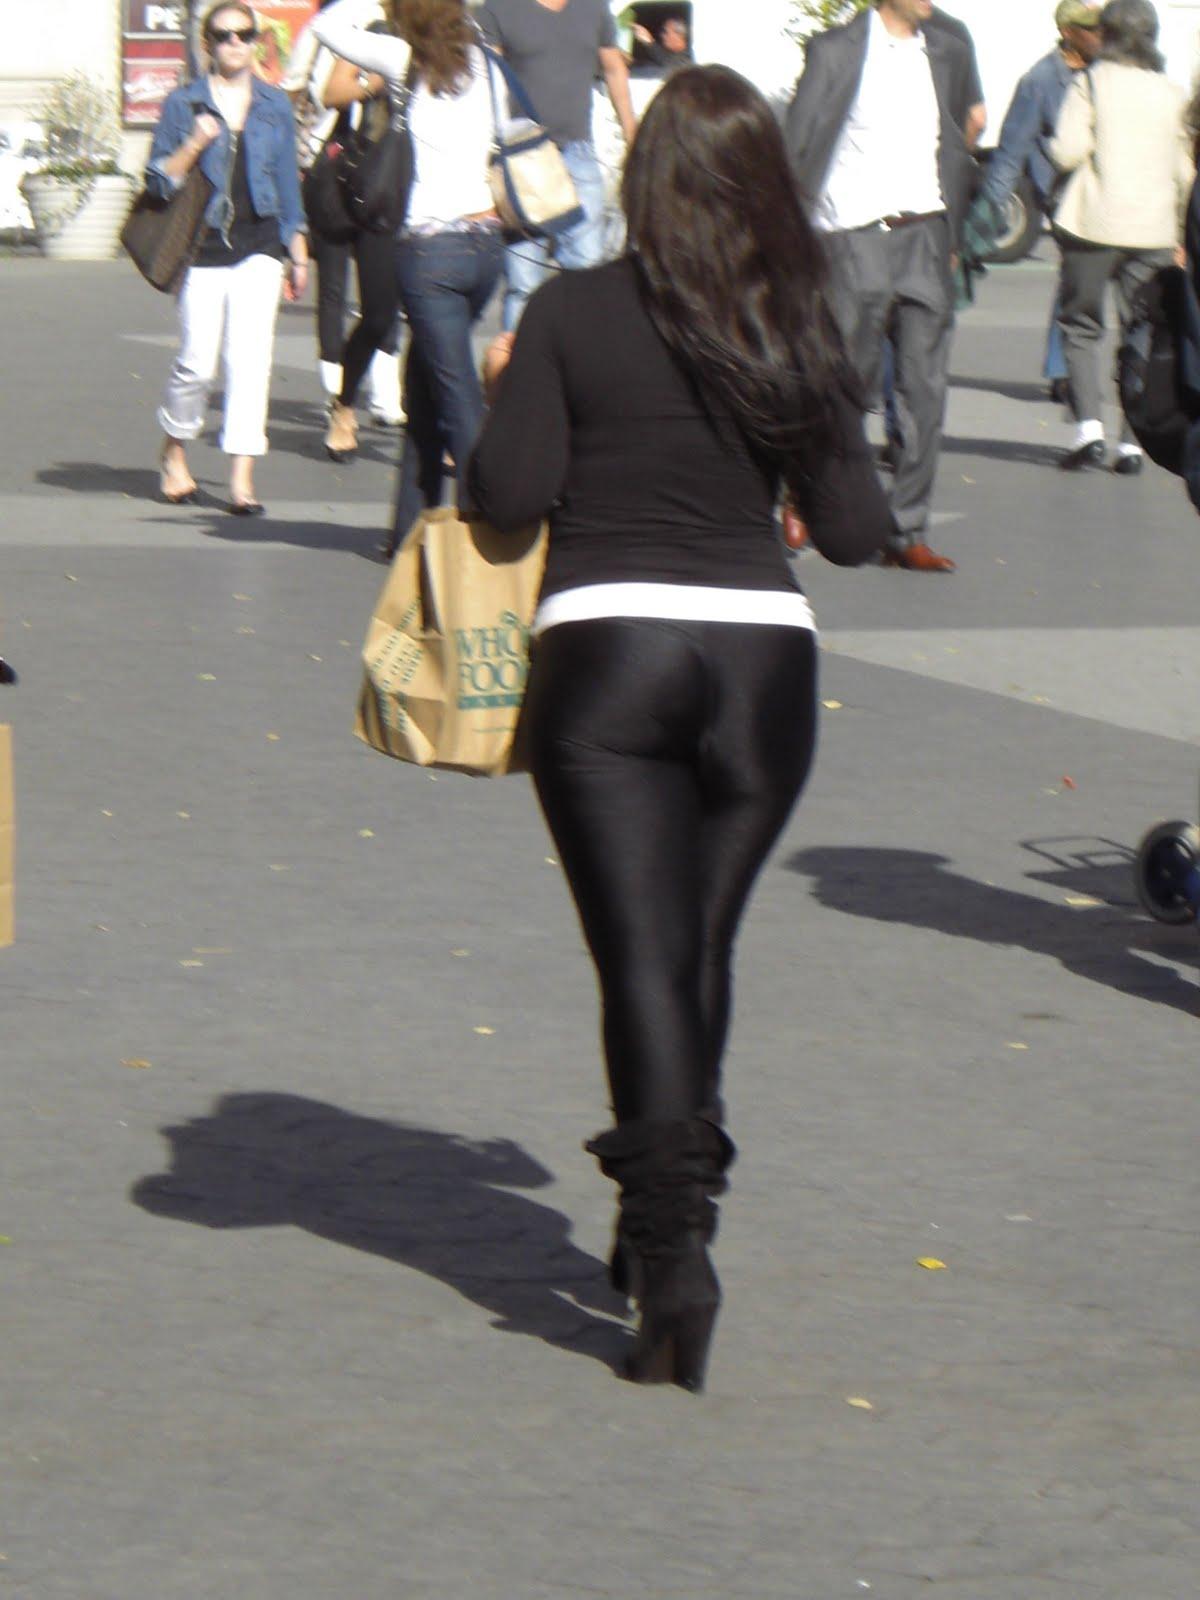 Hose pantie teen tights